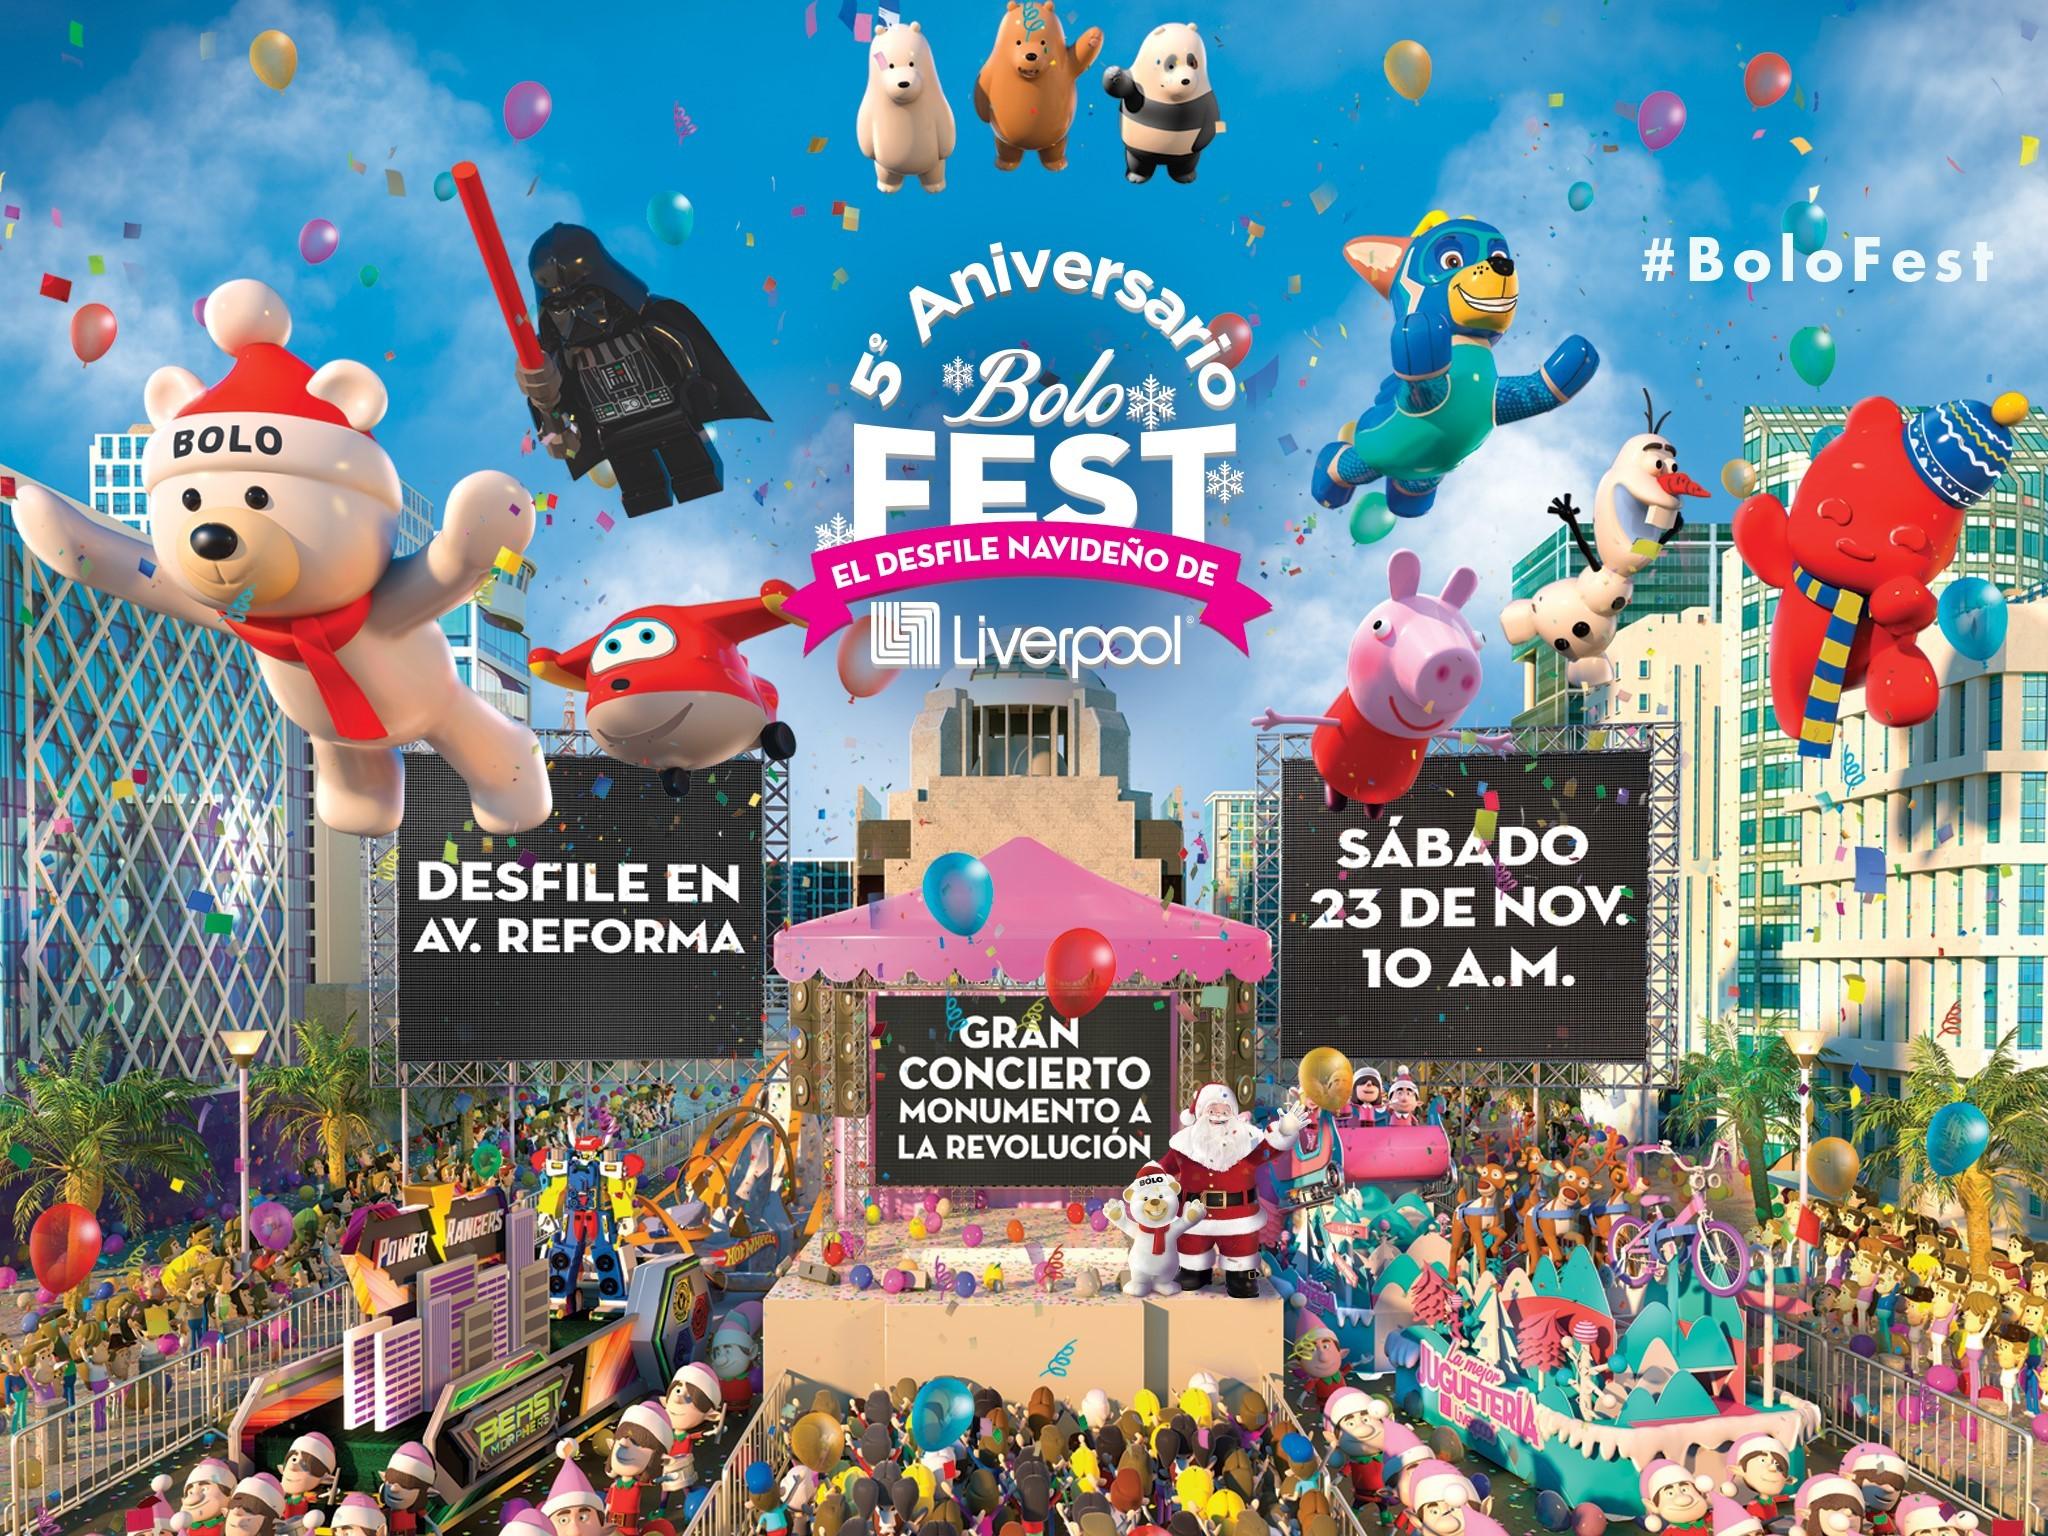 Bolo Fest 2019